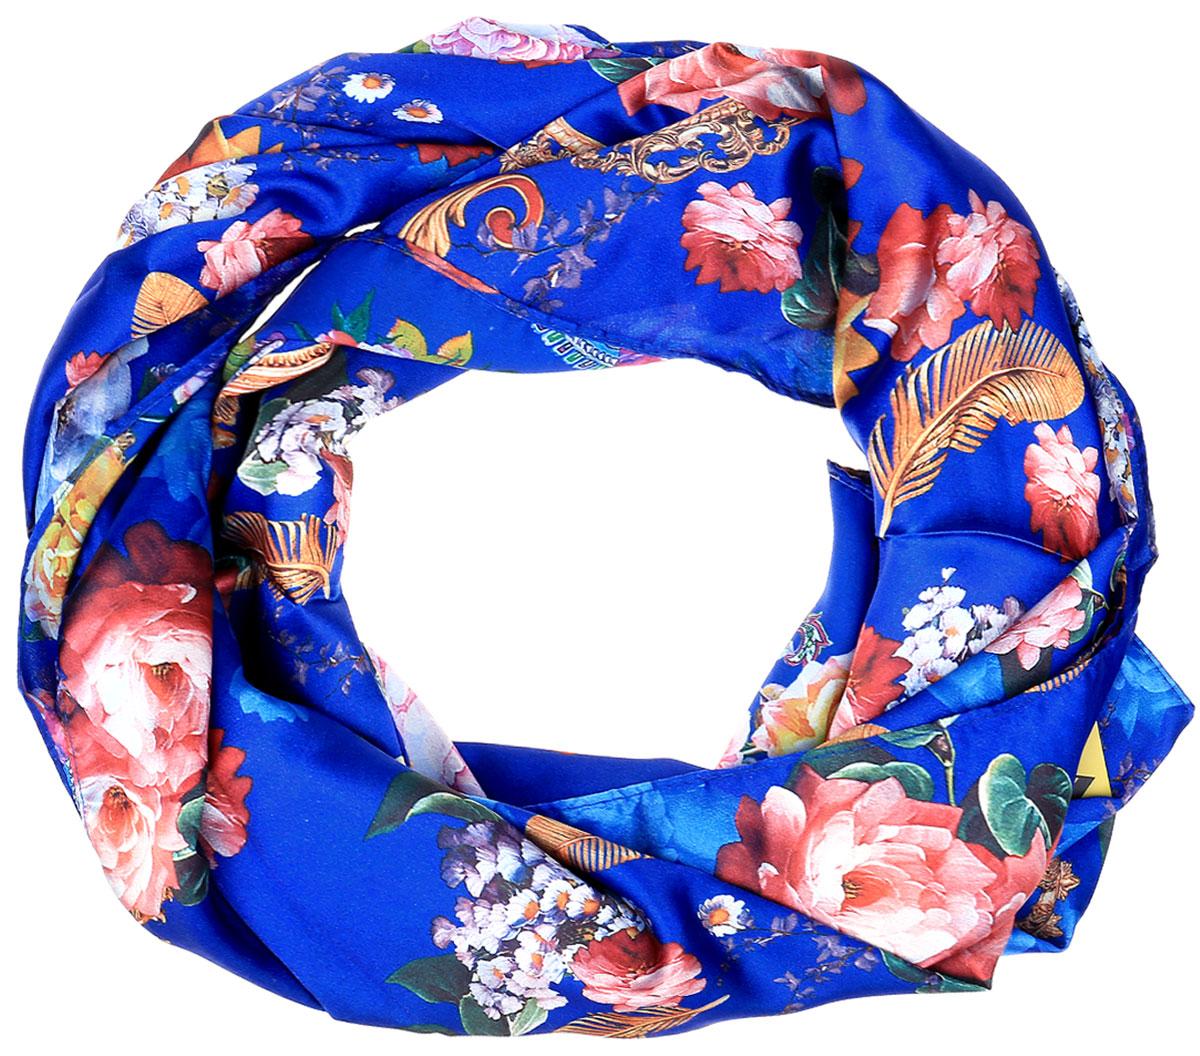 ШарфRo01PC2040-A1Элегантный женский шарфик Vittorio Richi изготовлен из полиэстера и шелка. Шарфик прямоугольной формы оформлен оригинальным цветочным принтом. Края изделия с тонкой подгибкой.